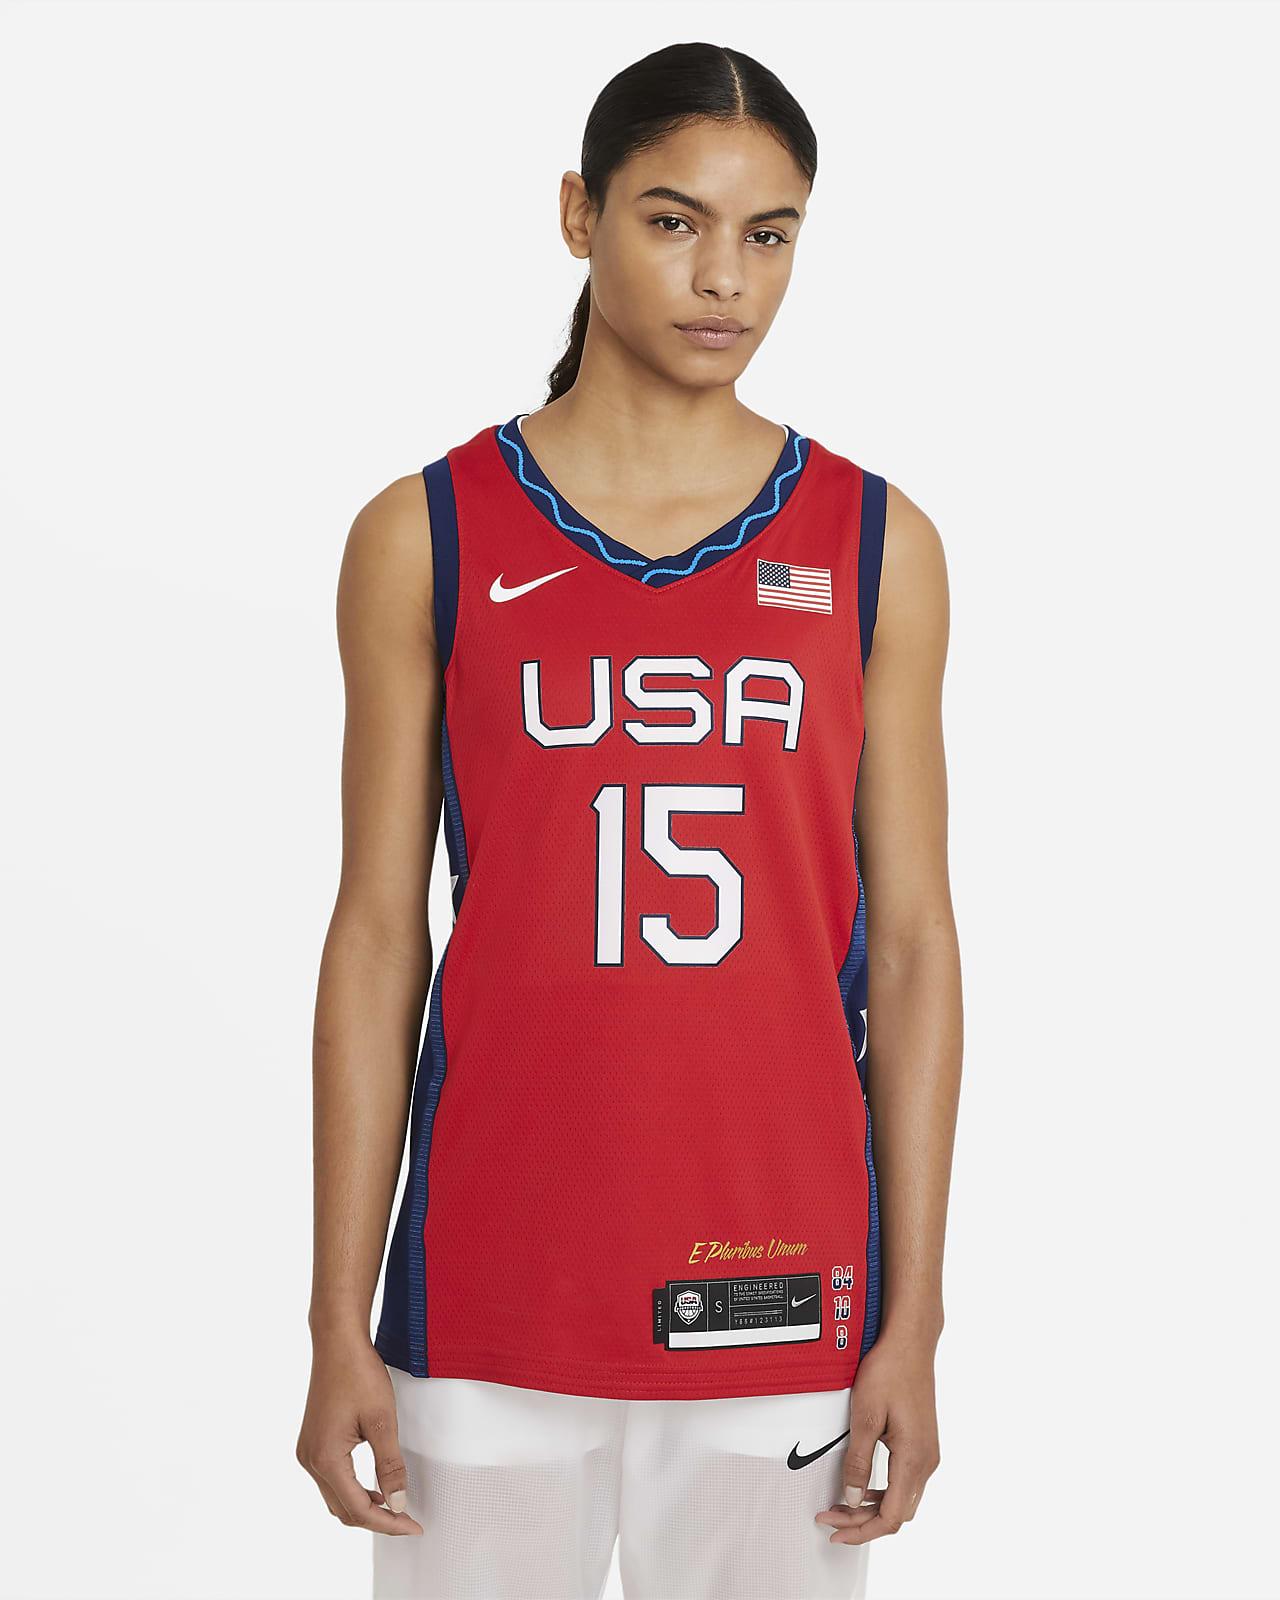 ナイキ チーム USA (ブリトニー・グリナー) (ロード) ウィメンズ バスケットボールジャージー